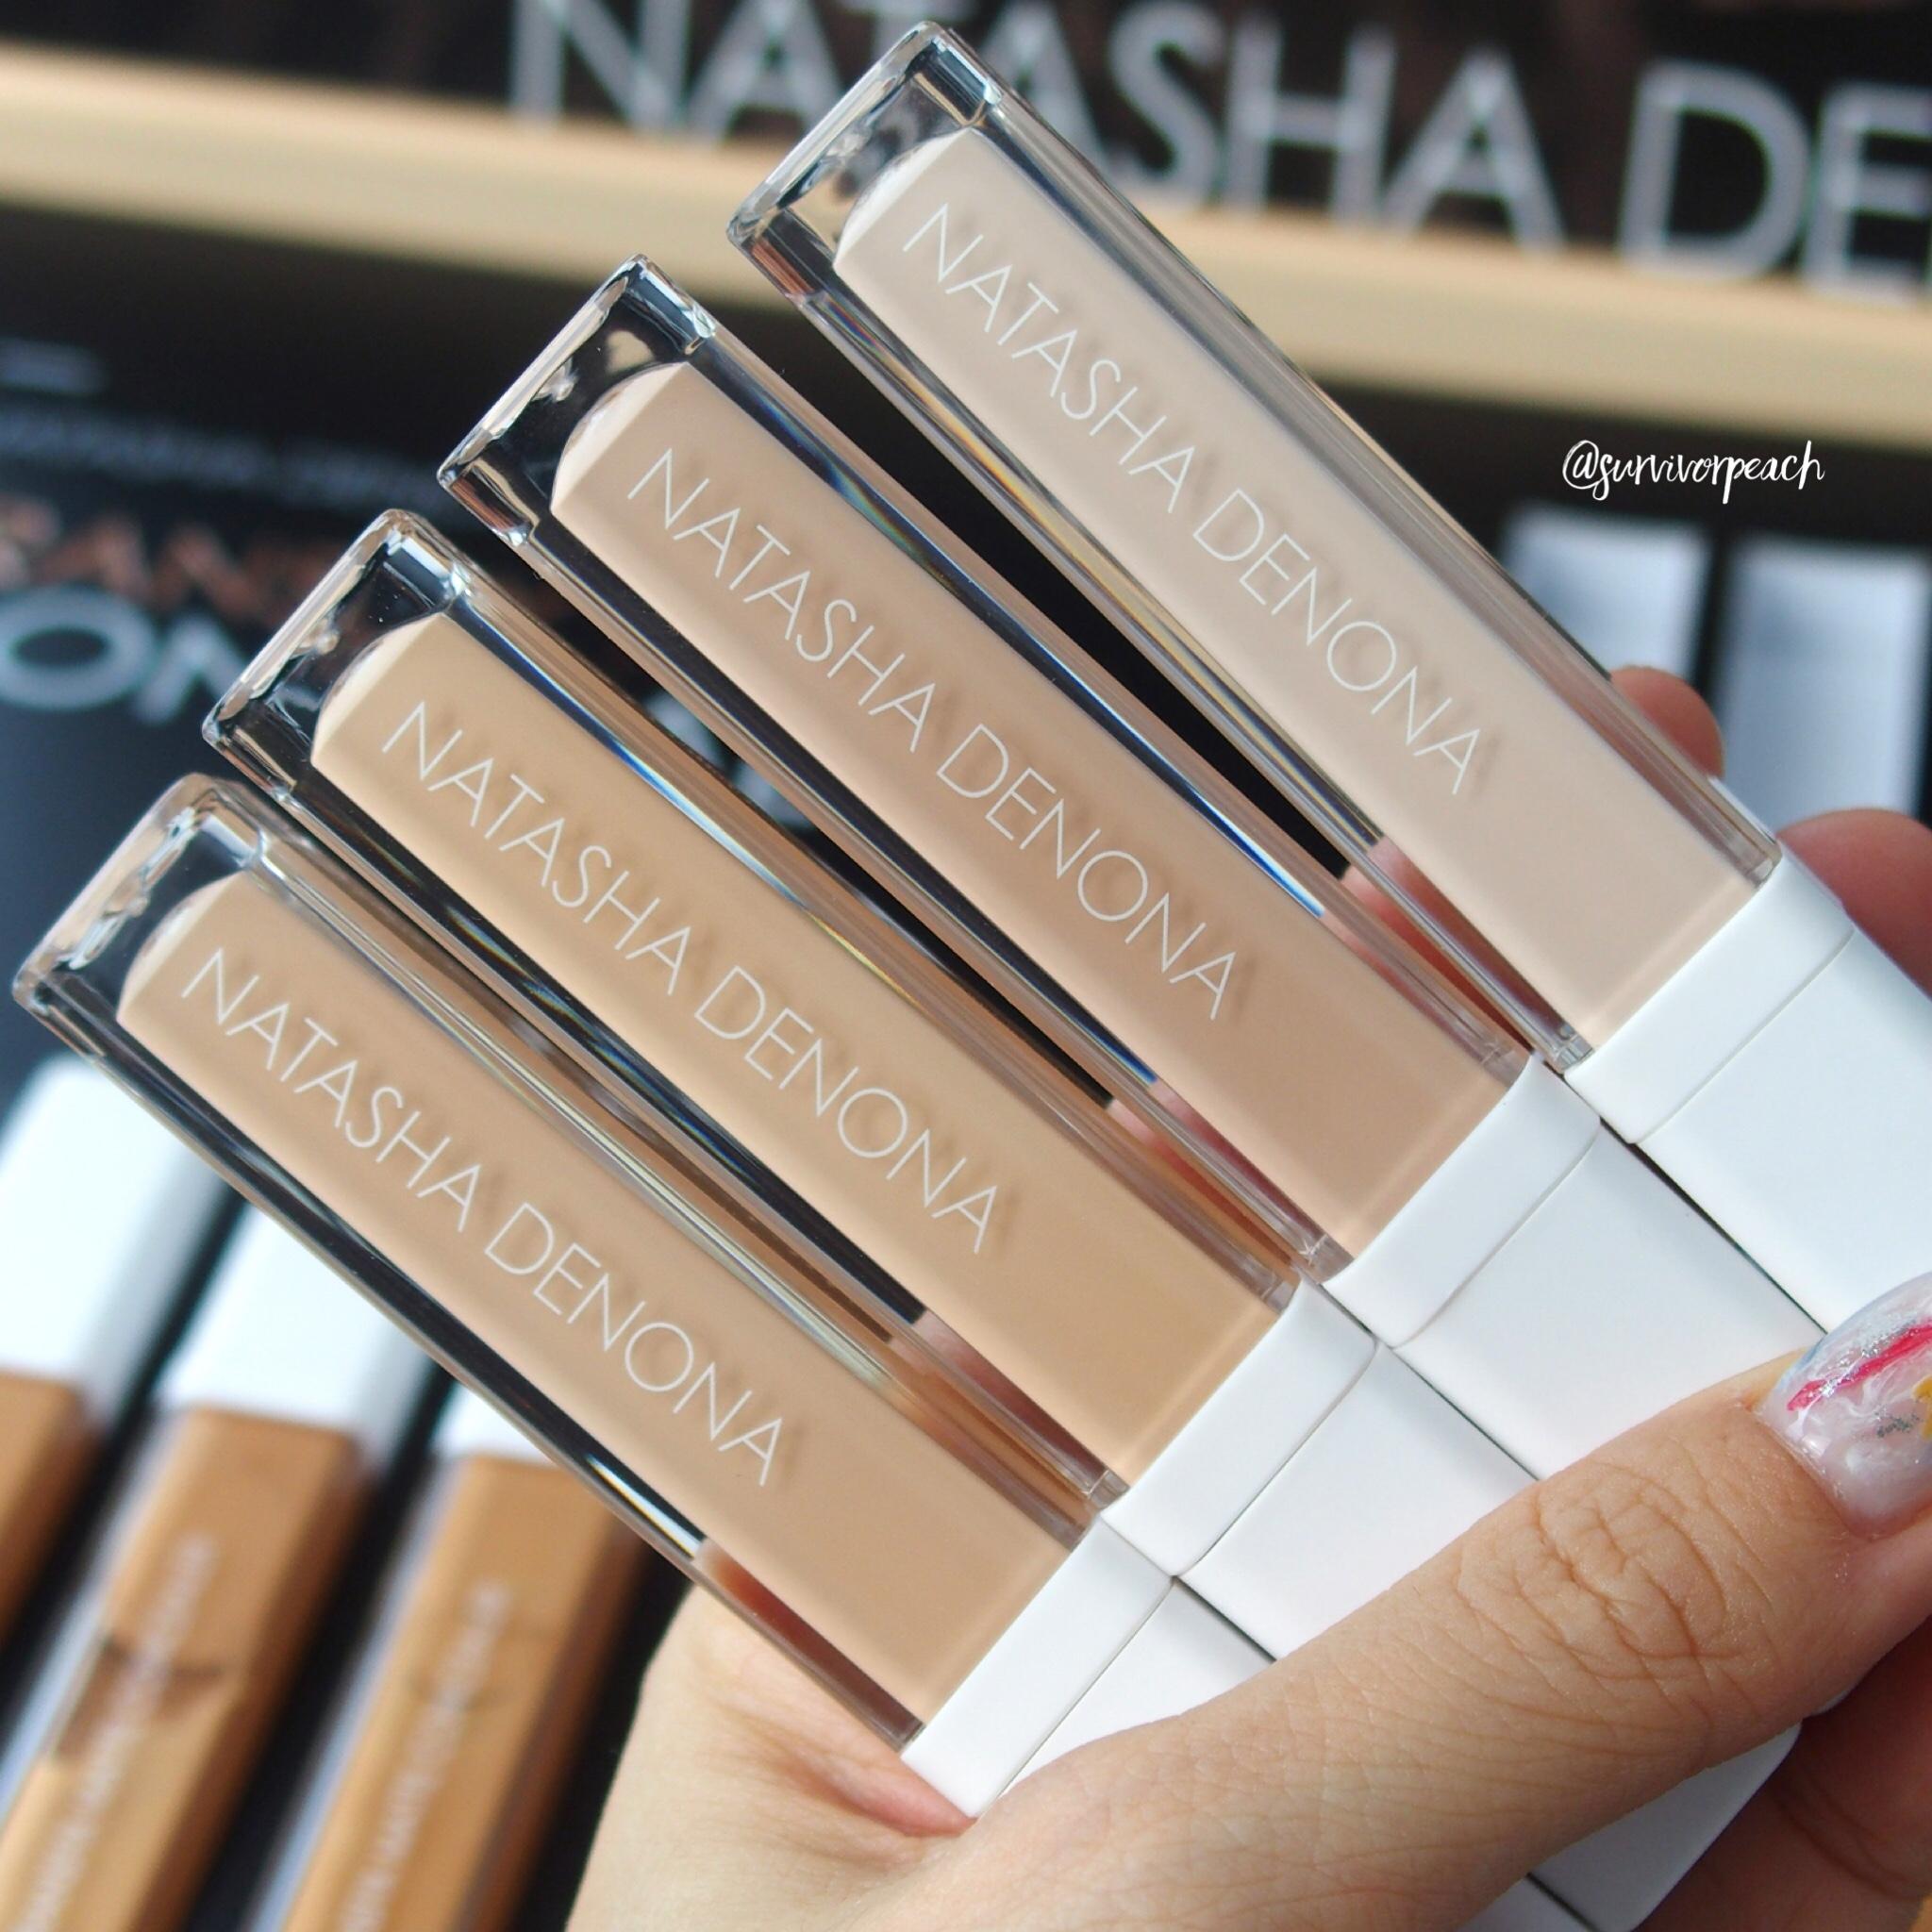 Natasha Denona Transfix Matte Concealer 1N Neutral, 2R Red, 3W Warm, 4N Neutral